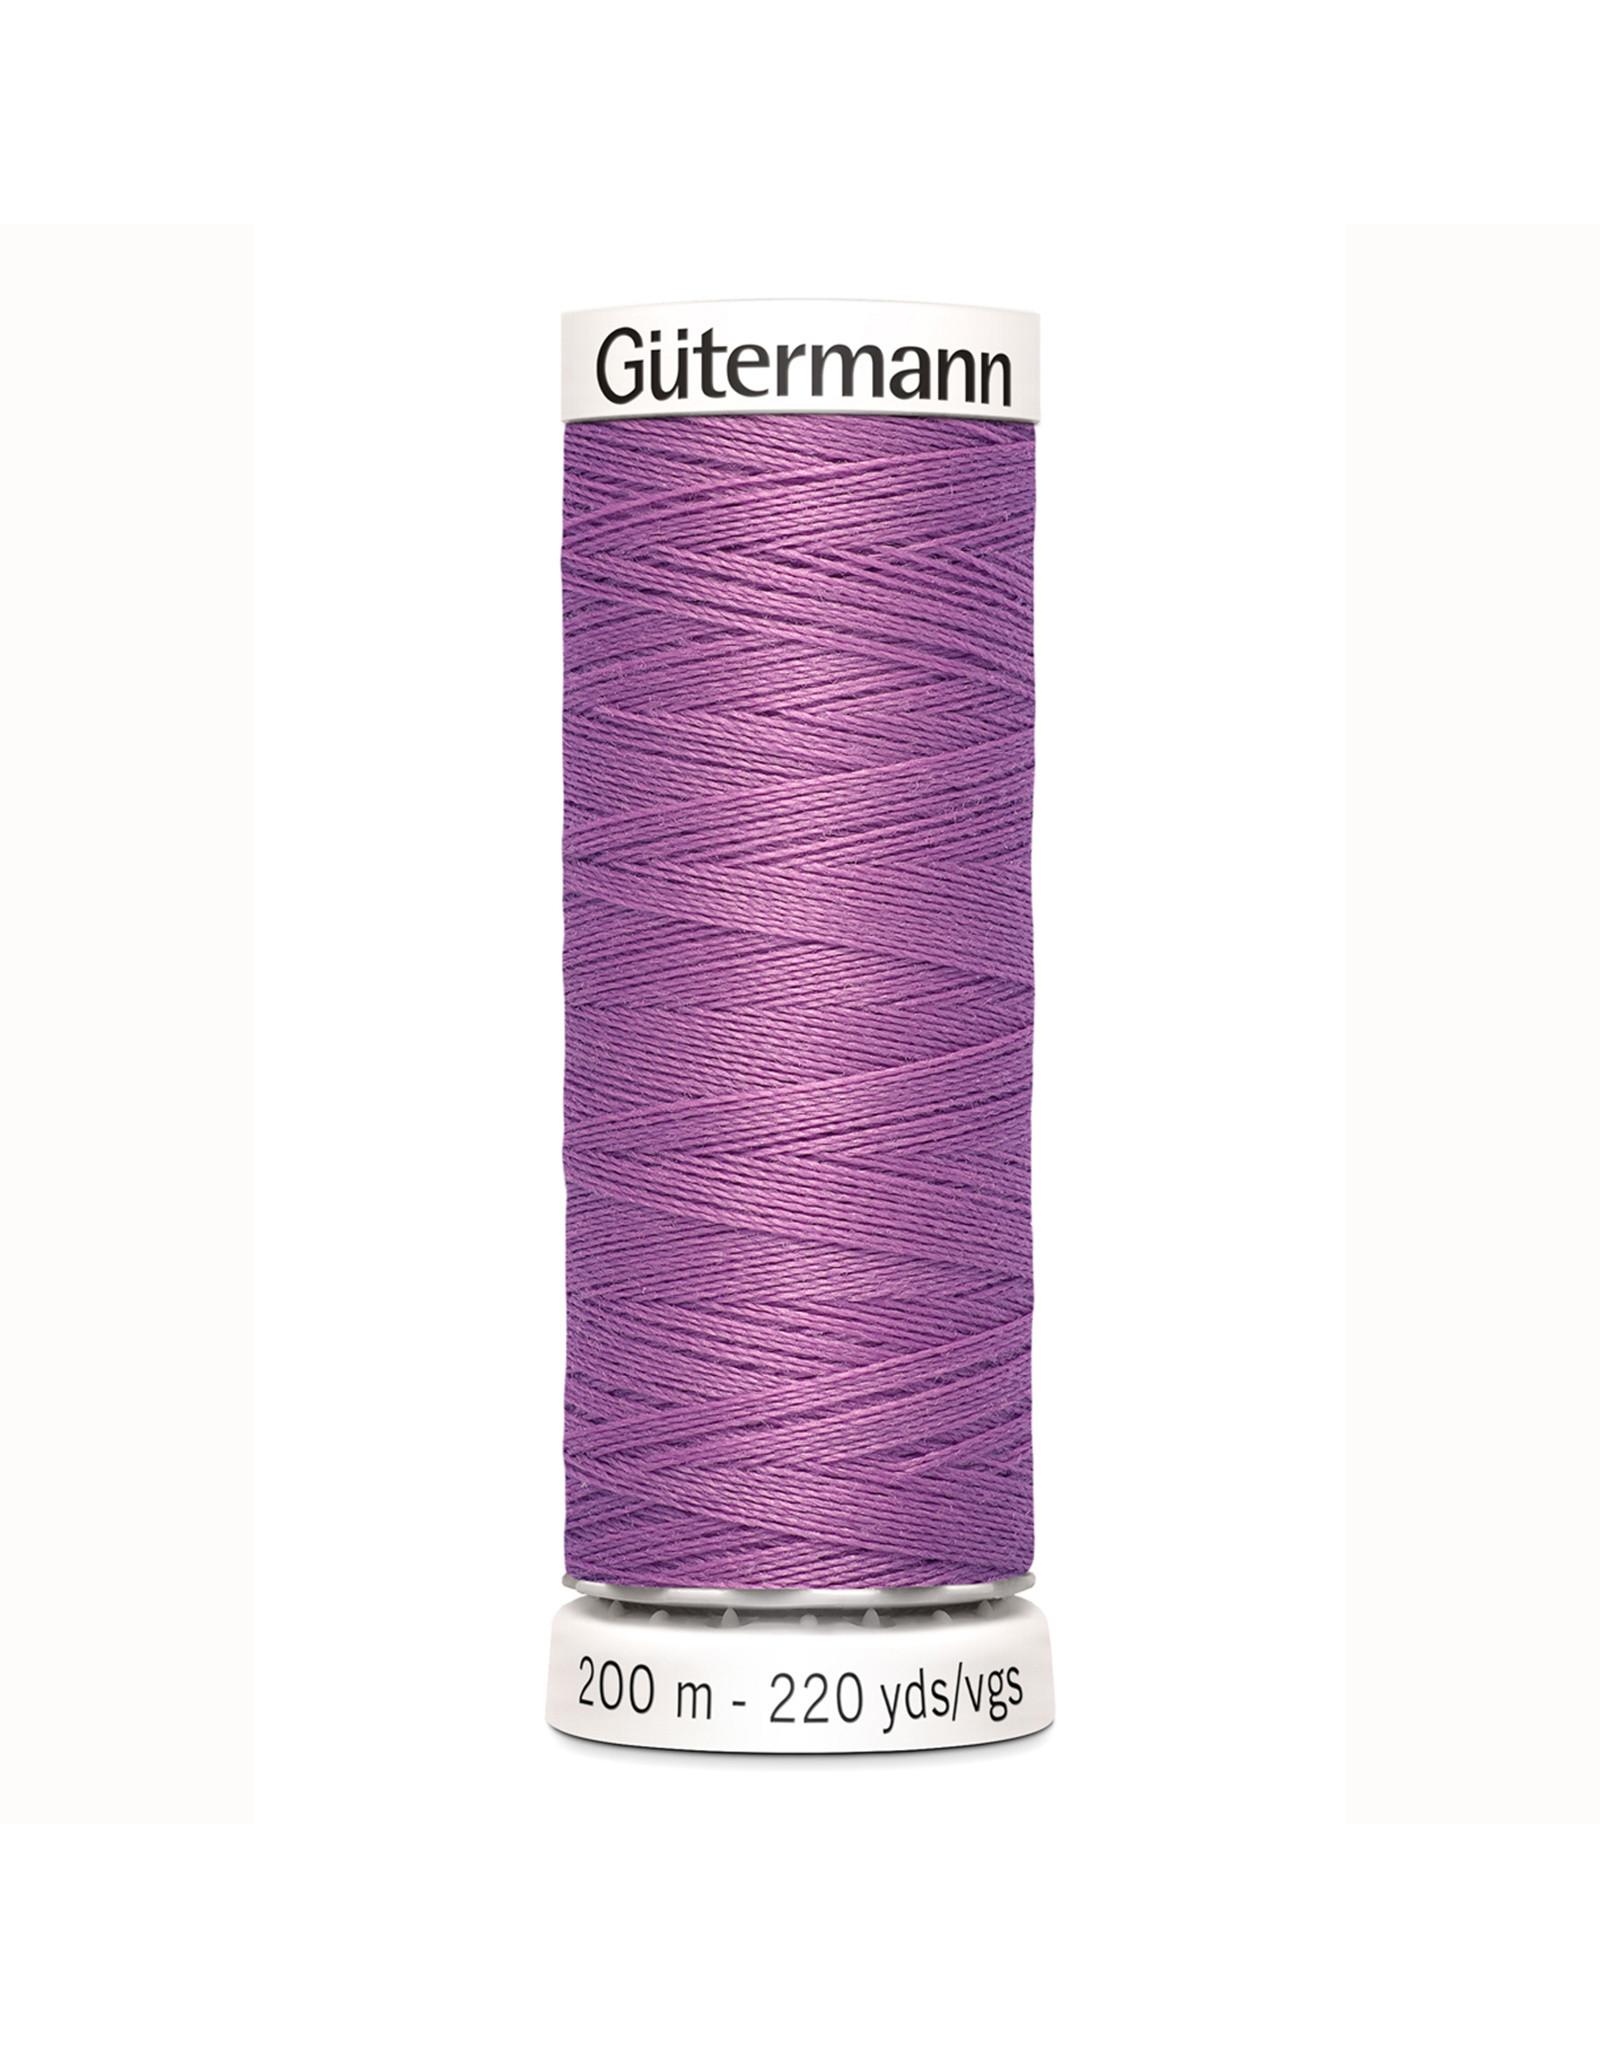 Gütermann Gütermann Sewing Thread 200 m - nr 716